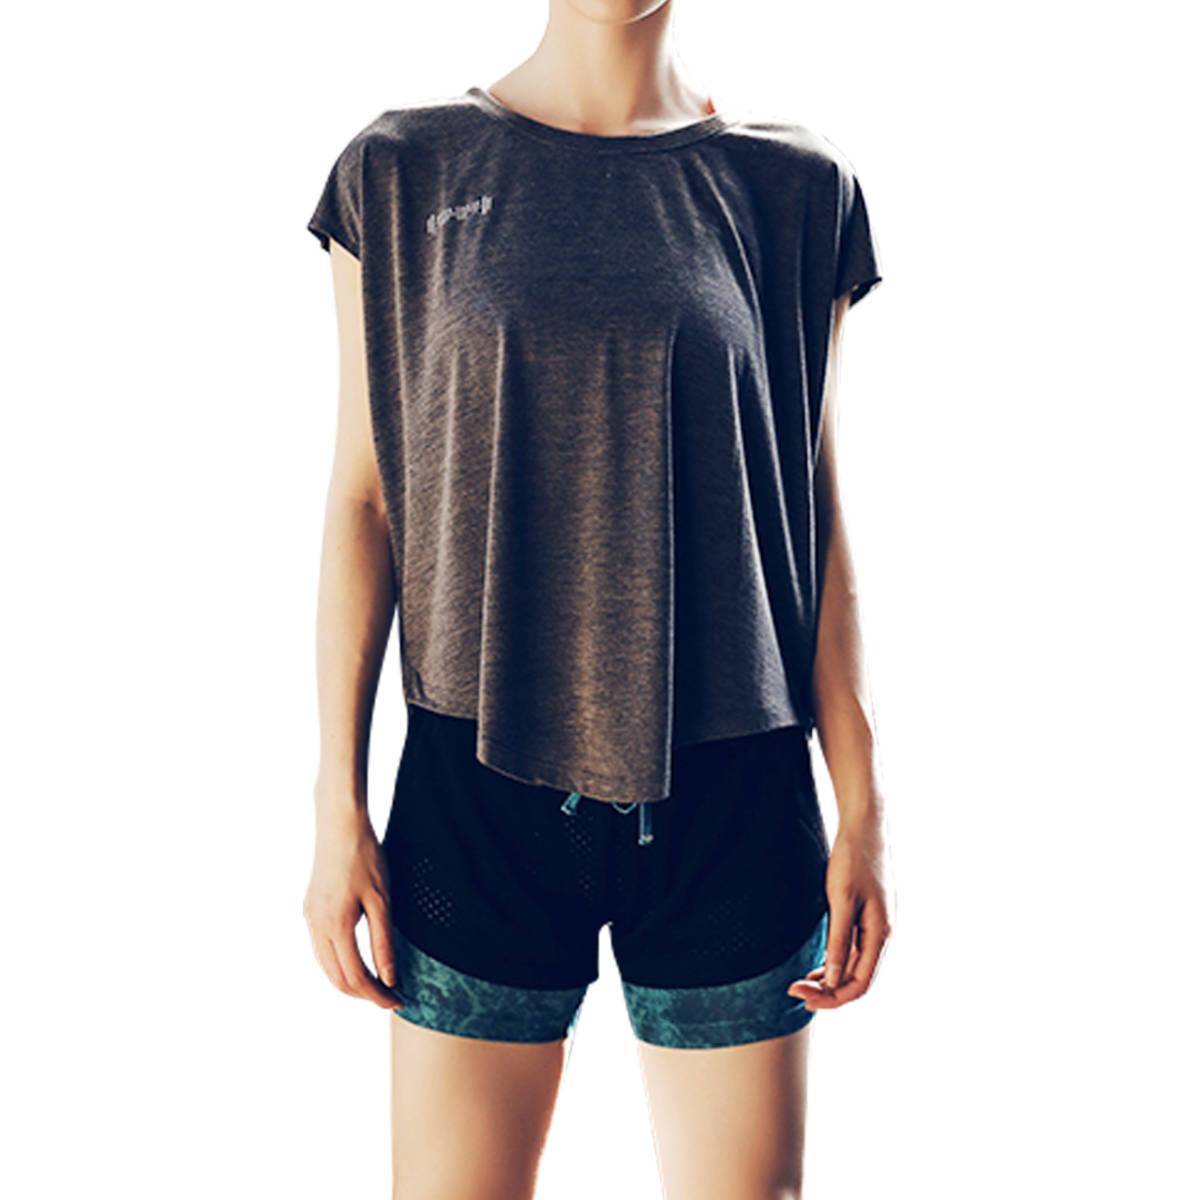 ヨガウェア レディース トップス 半袖 Tシャツ スポーツウェア 伸縮 ストレッチ 速乾 吸汗 ヨガ ホットヨガ グレー Mサイズ